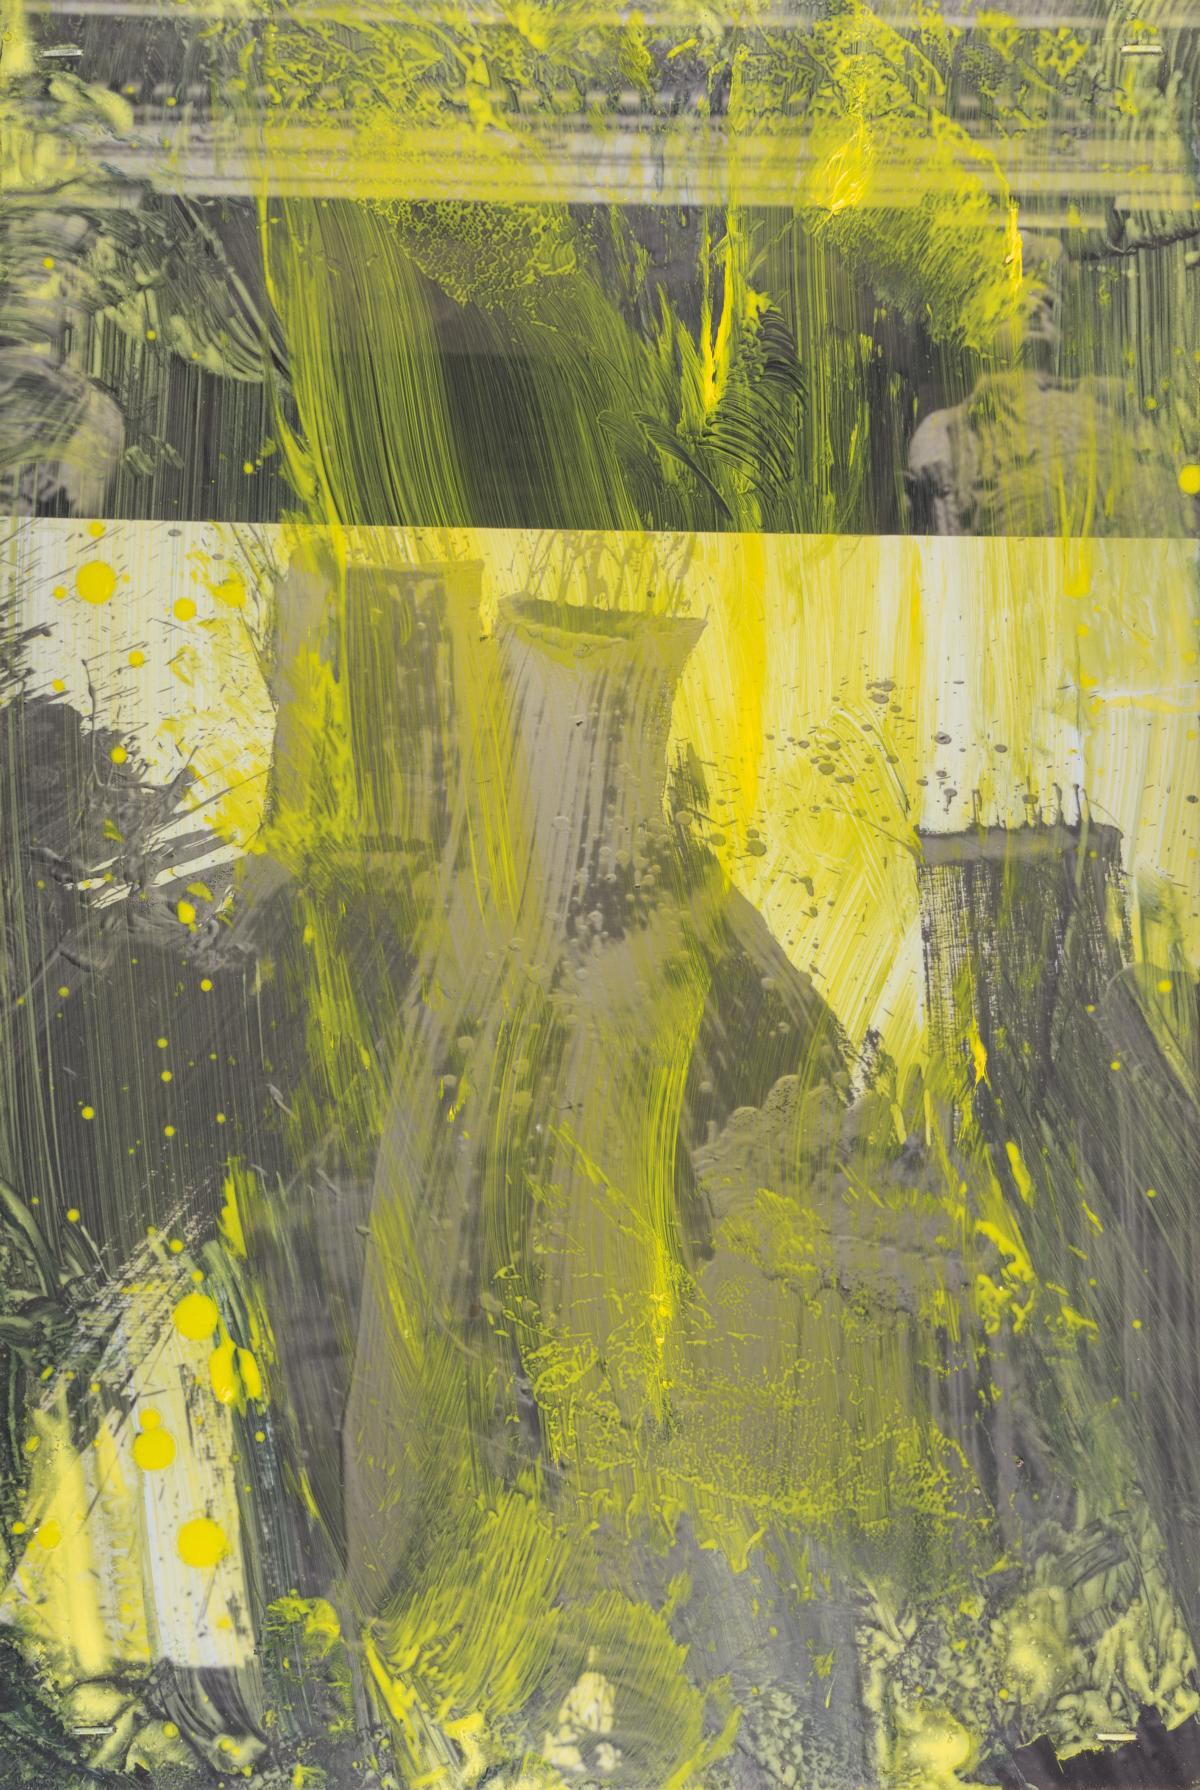 Serie pittura oscura – München / Angelous Novus II